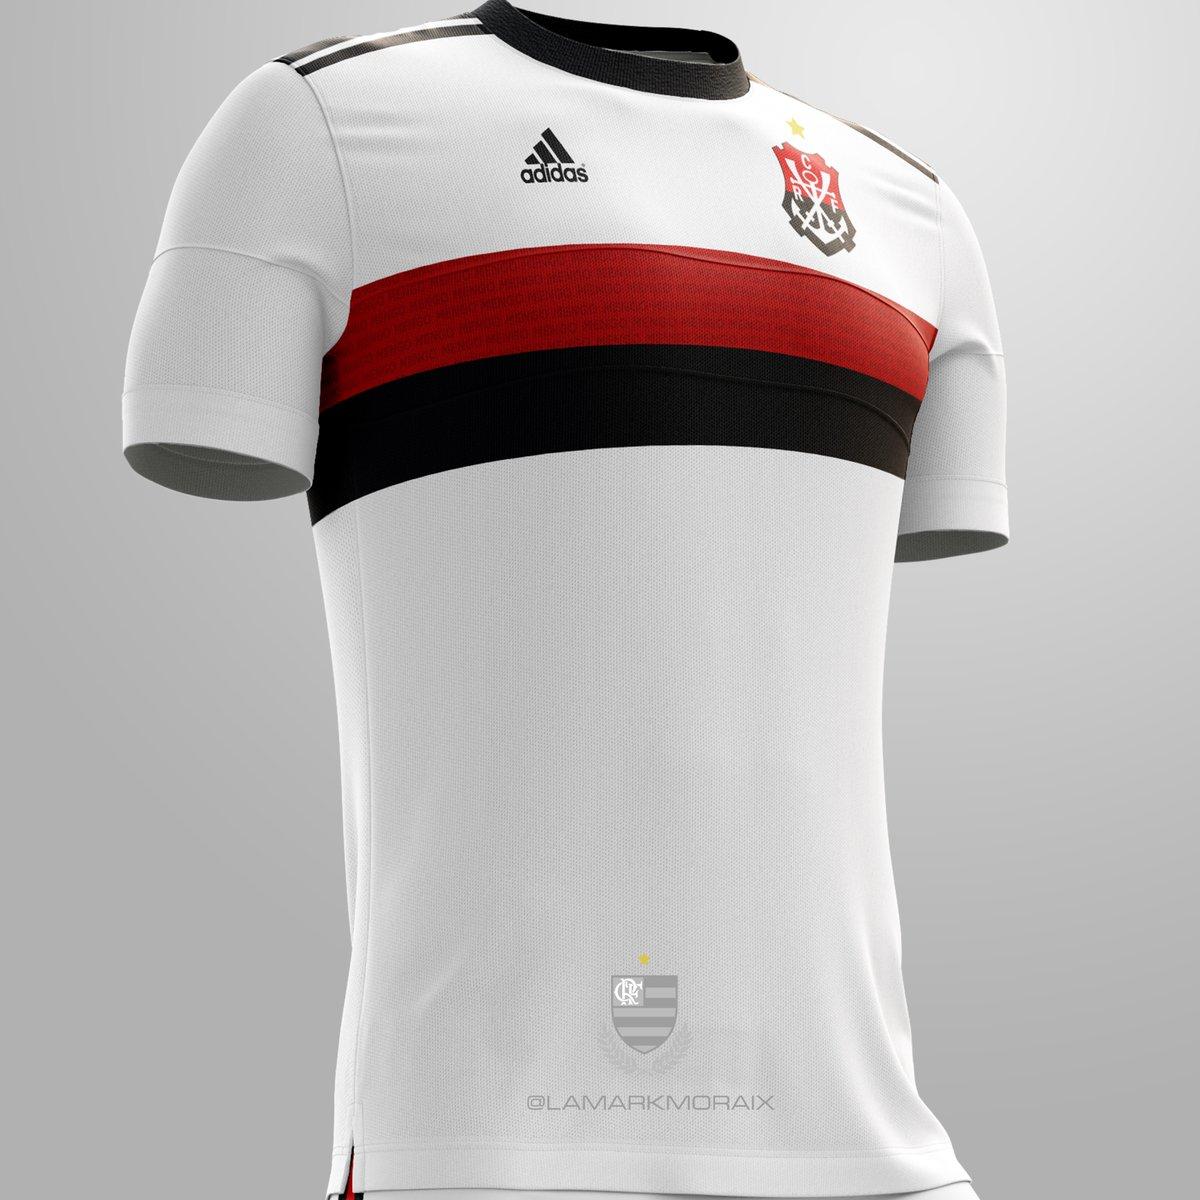 Provável camisa branco do Flamengo para 2019 - Arte   lamarkmoraix 3311a3186e5c3